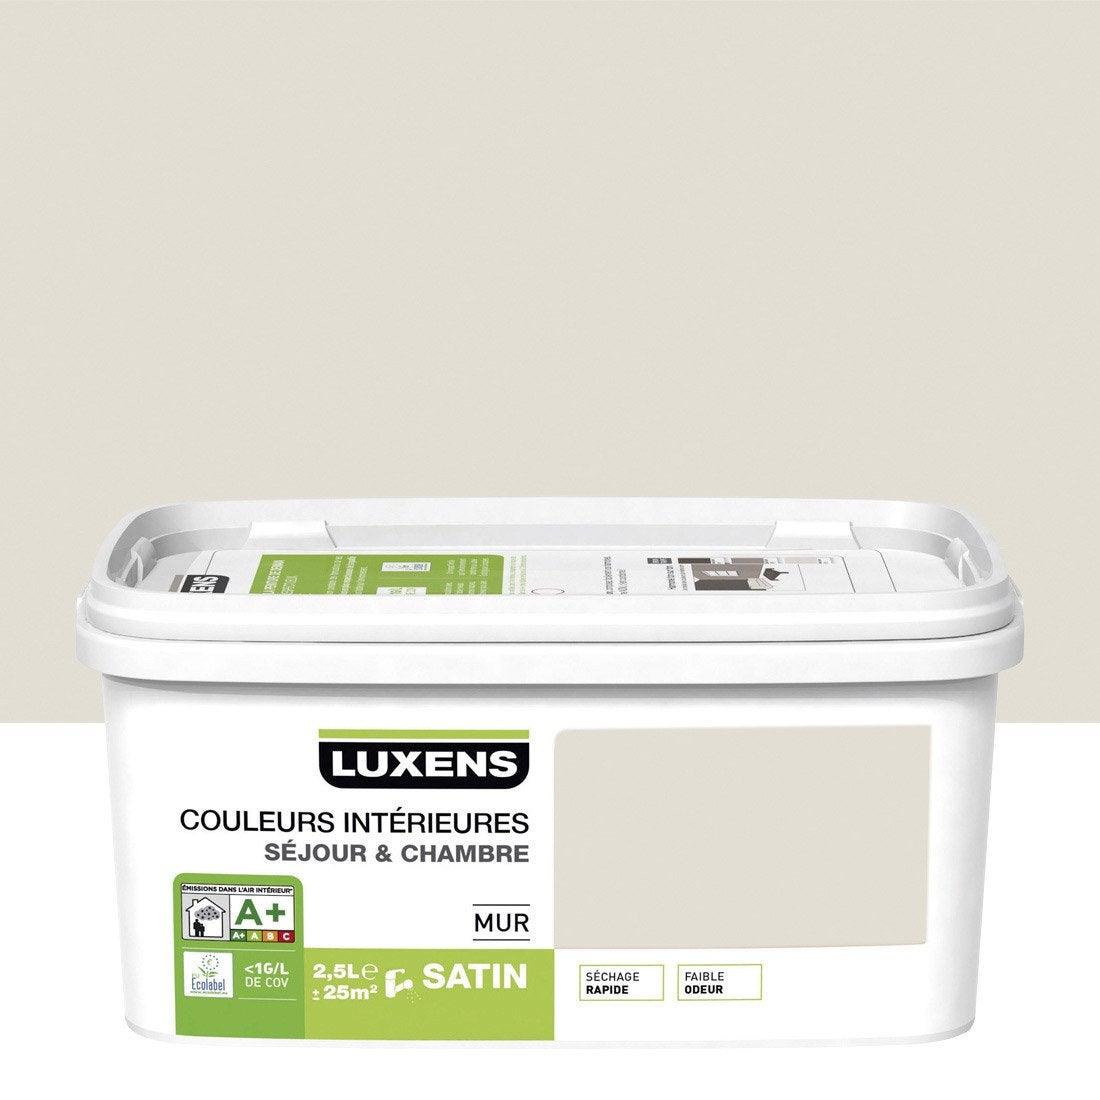 Peinture blanc lin 2 satin LUXENS Couleurs intérieures 2.5 l ...